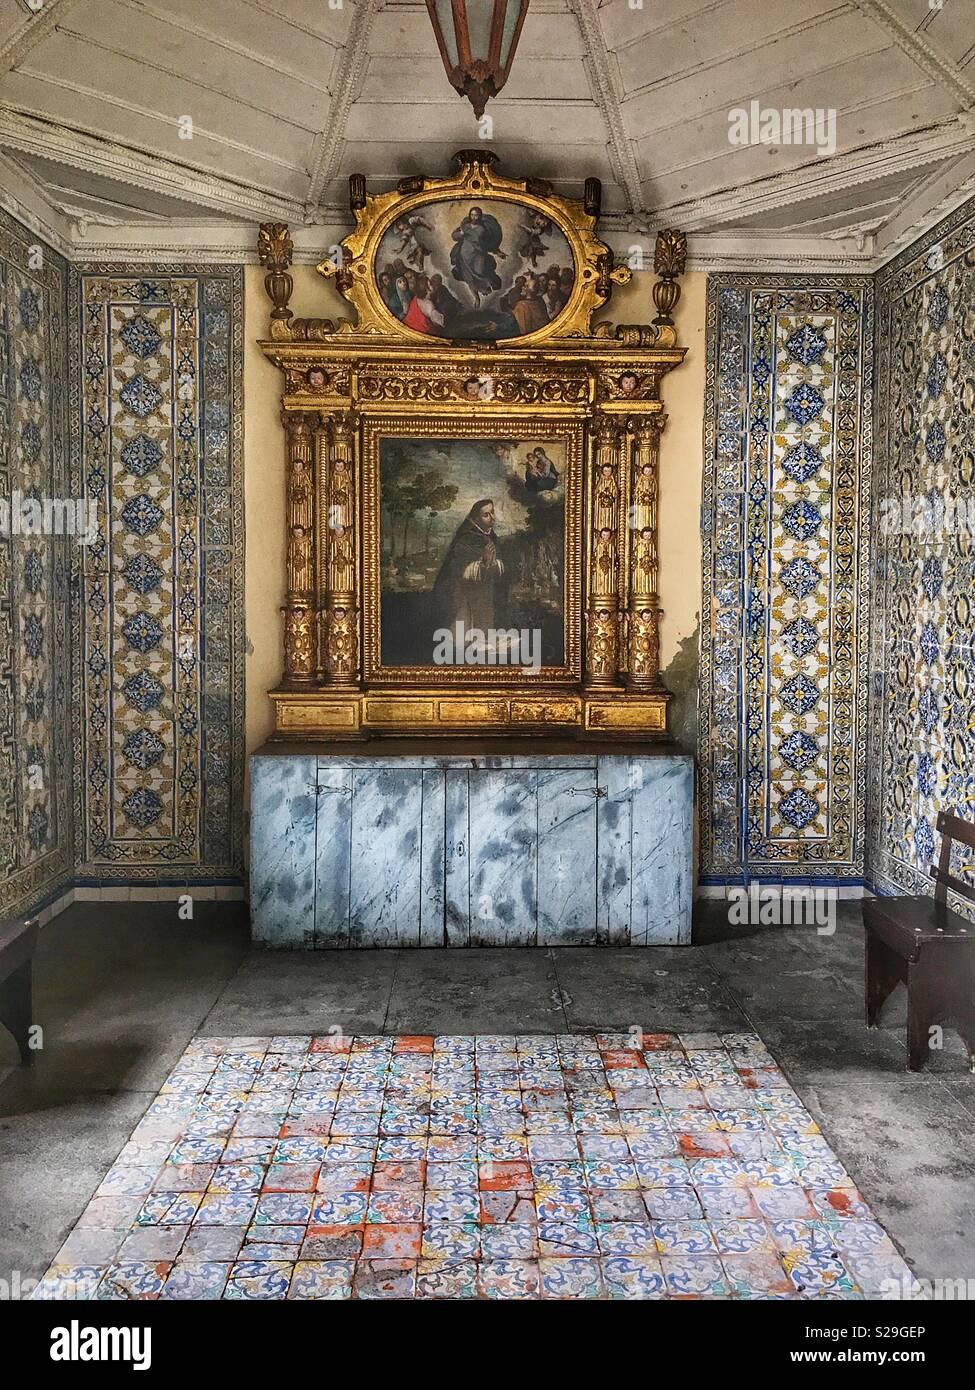 Kloster Santa Clara, für Franziskanerinnen im 16. Jahrhundert gebaut und heute noch in Betrieb, Funchal, Madeira, Portugal, eine Seitenkapelle mit religiöser Kunst und handbemalte Wandfliesen Stockbild